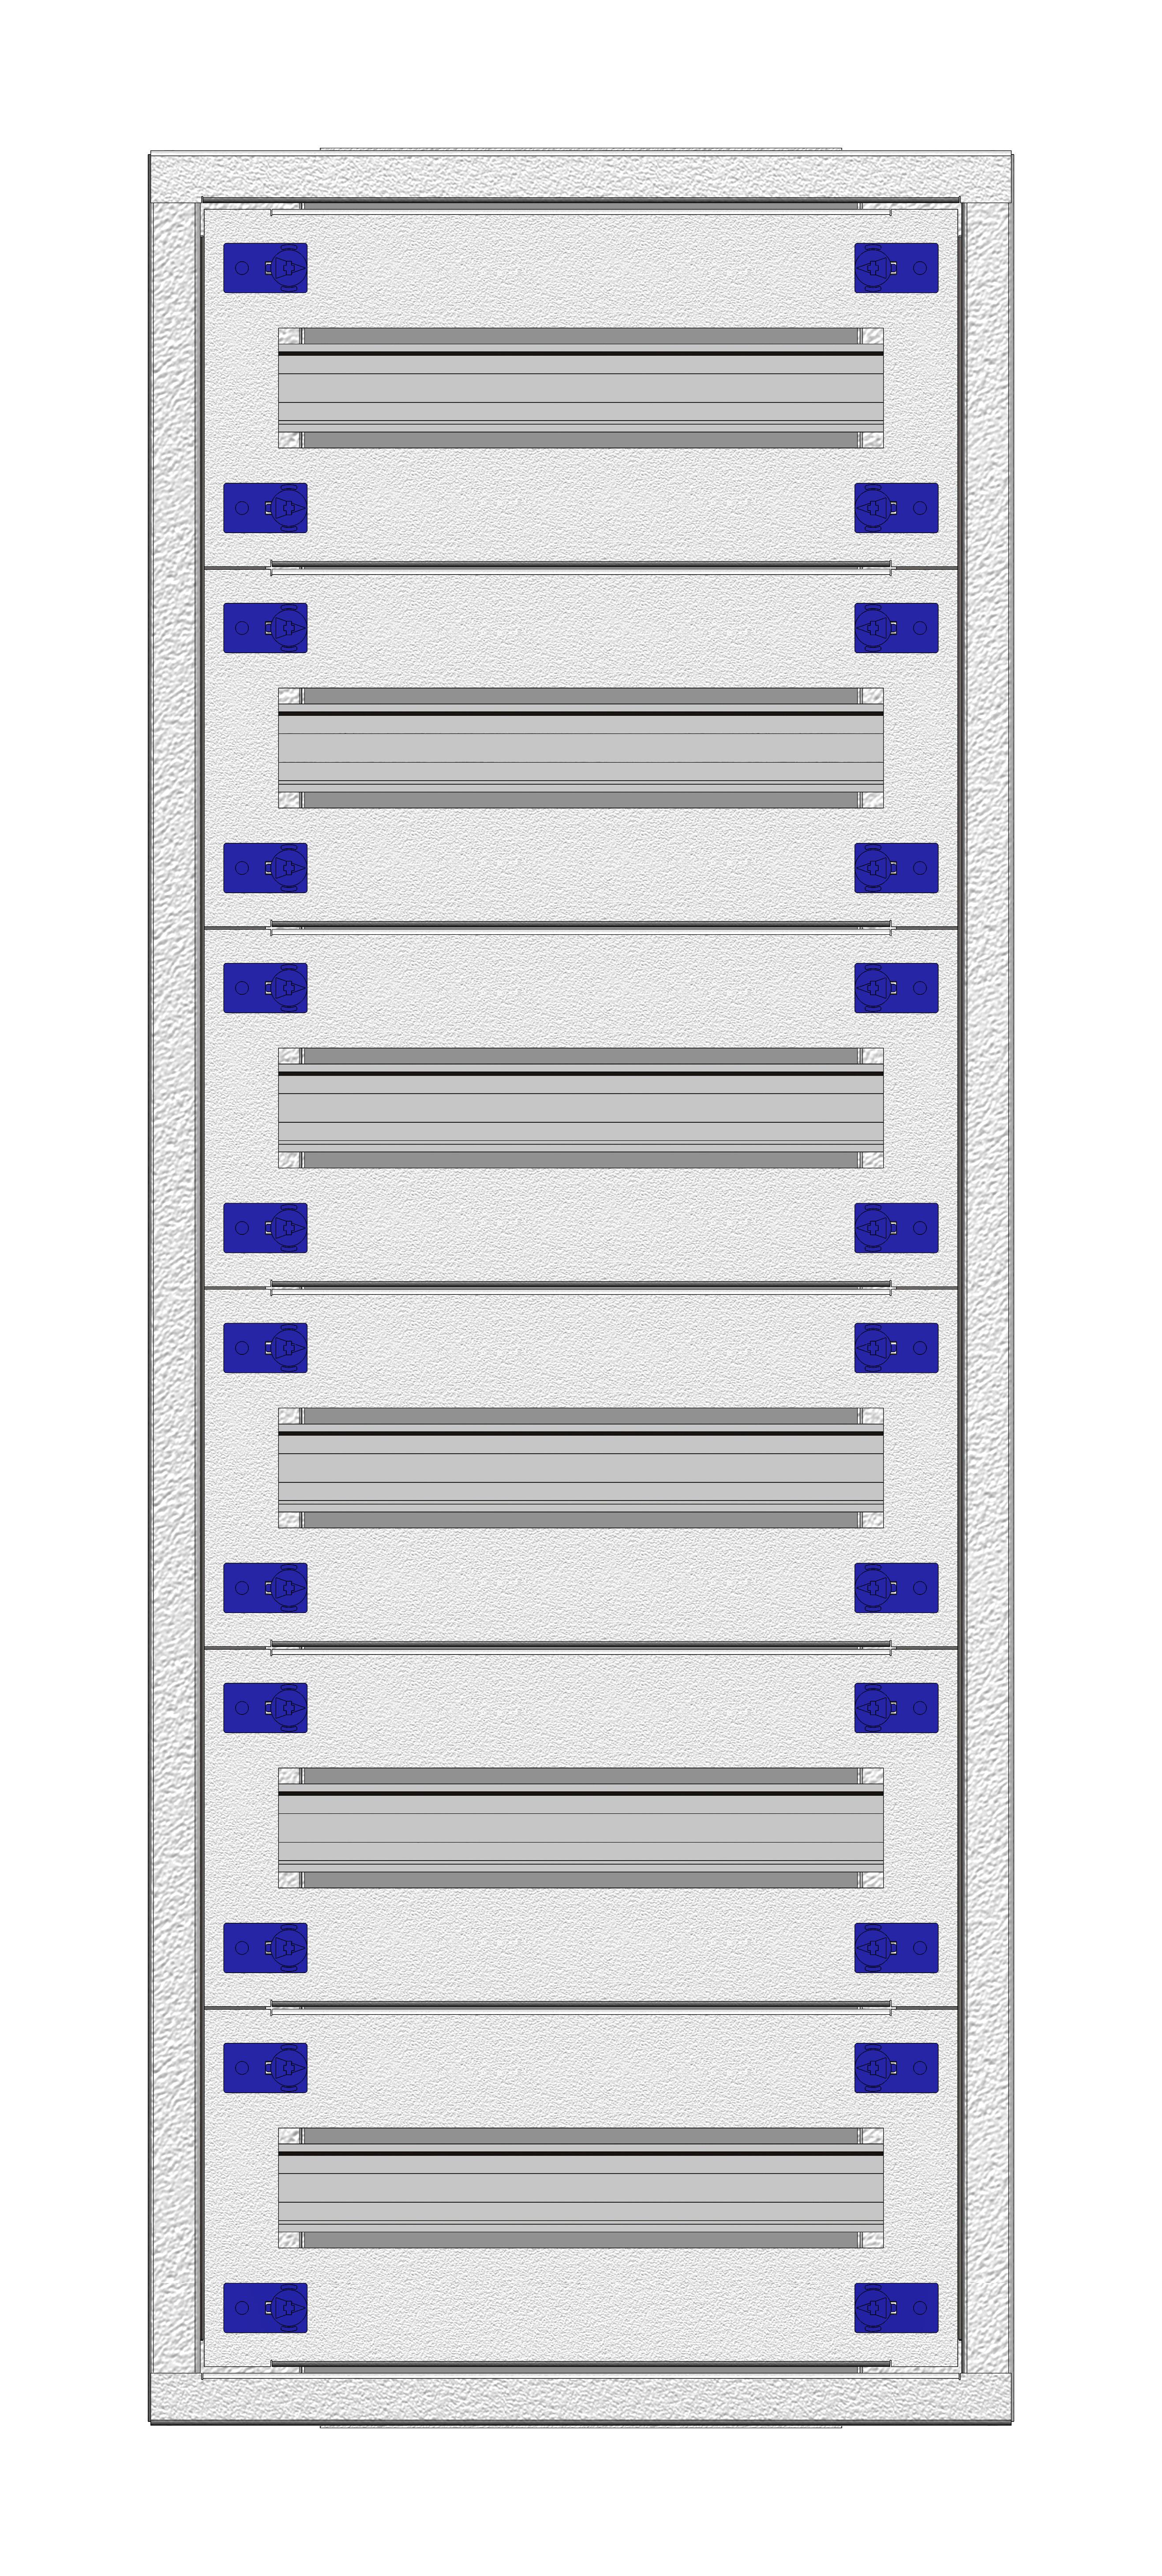 1 Stk Installationsverteiler Einsatz 1-18L, 6-reihig, Kunststoff IL149118--